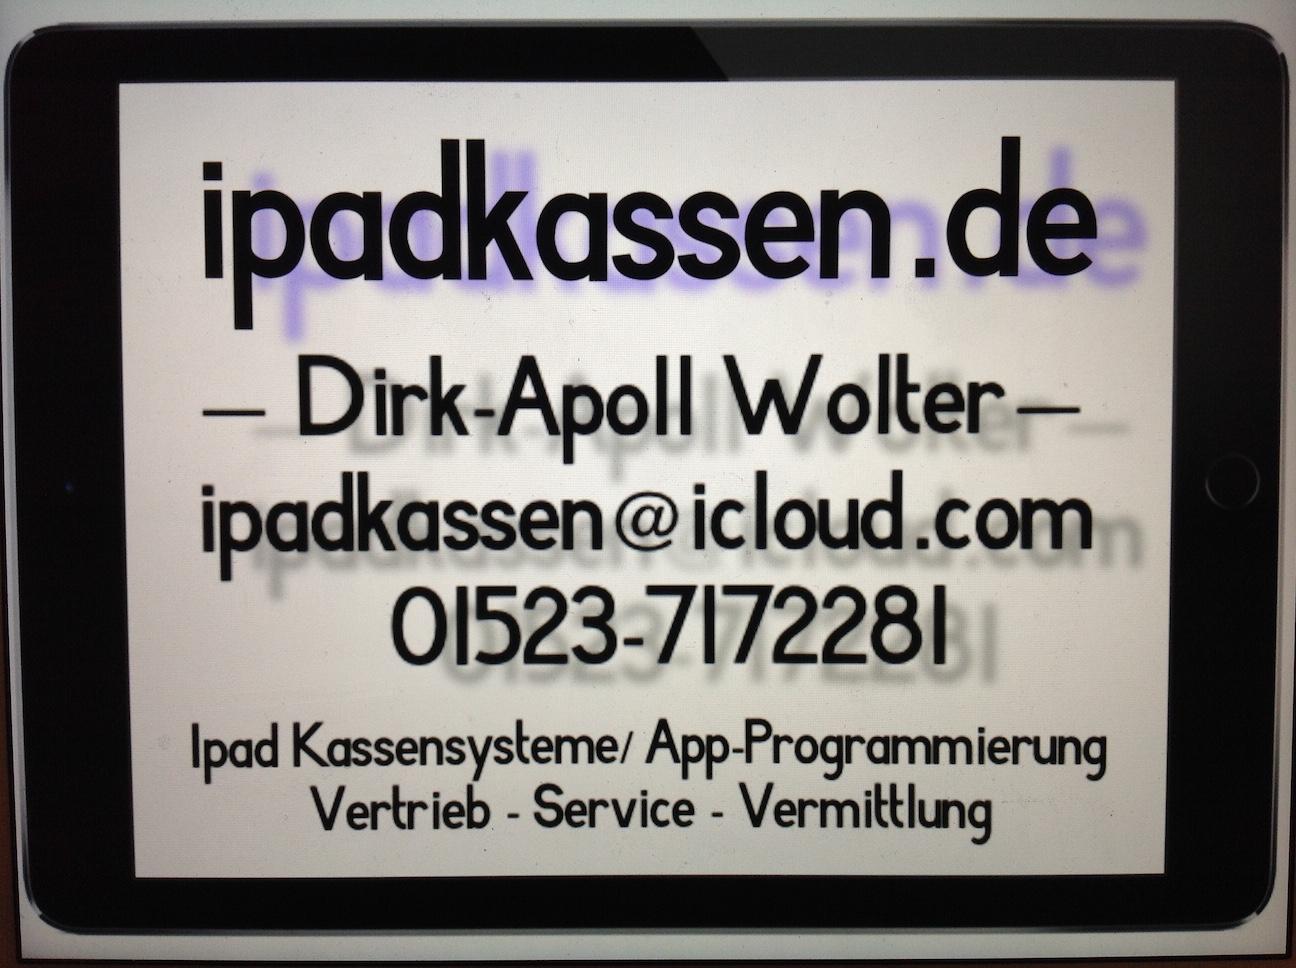 Jürgen Tremmel jt-veranstaltungspartner hochzeit hochzeitsdj dj band musik karlsruhe  rastatt IMG 0001 Partner